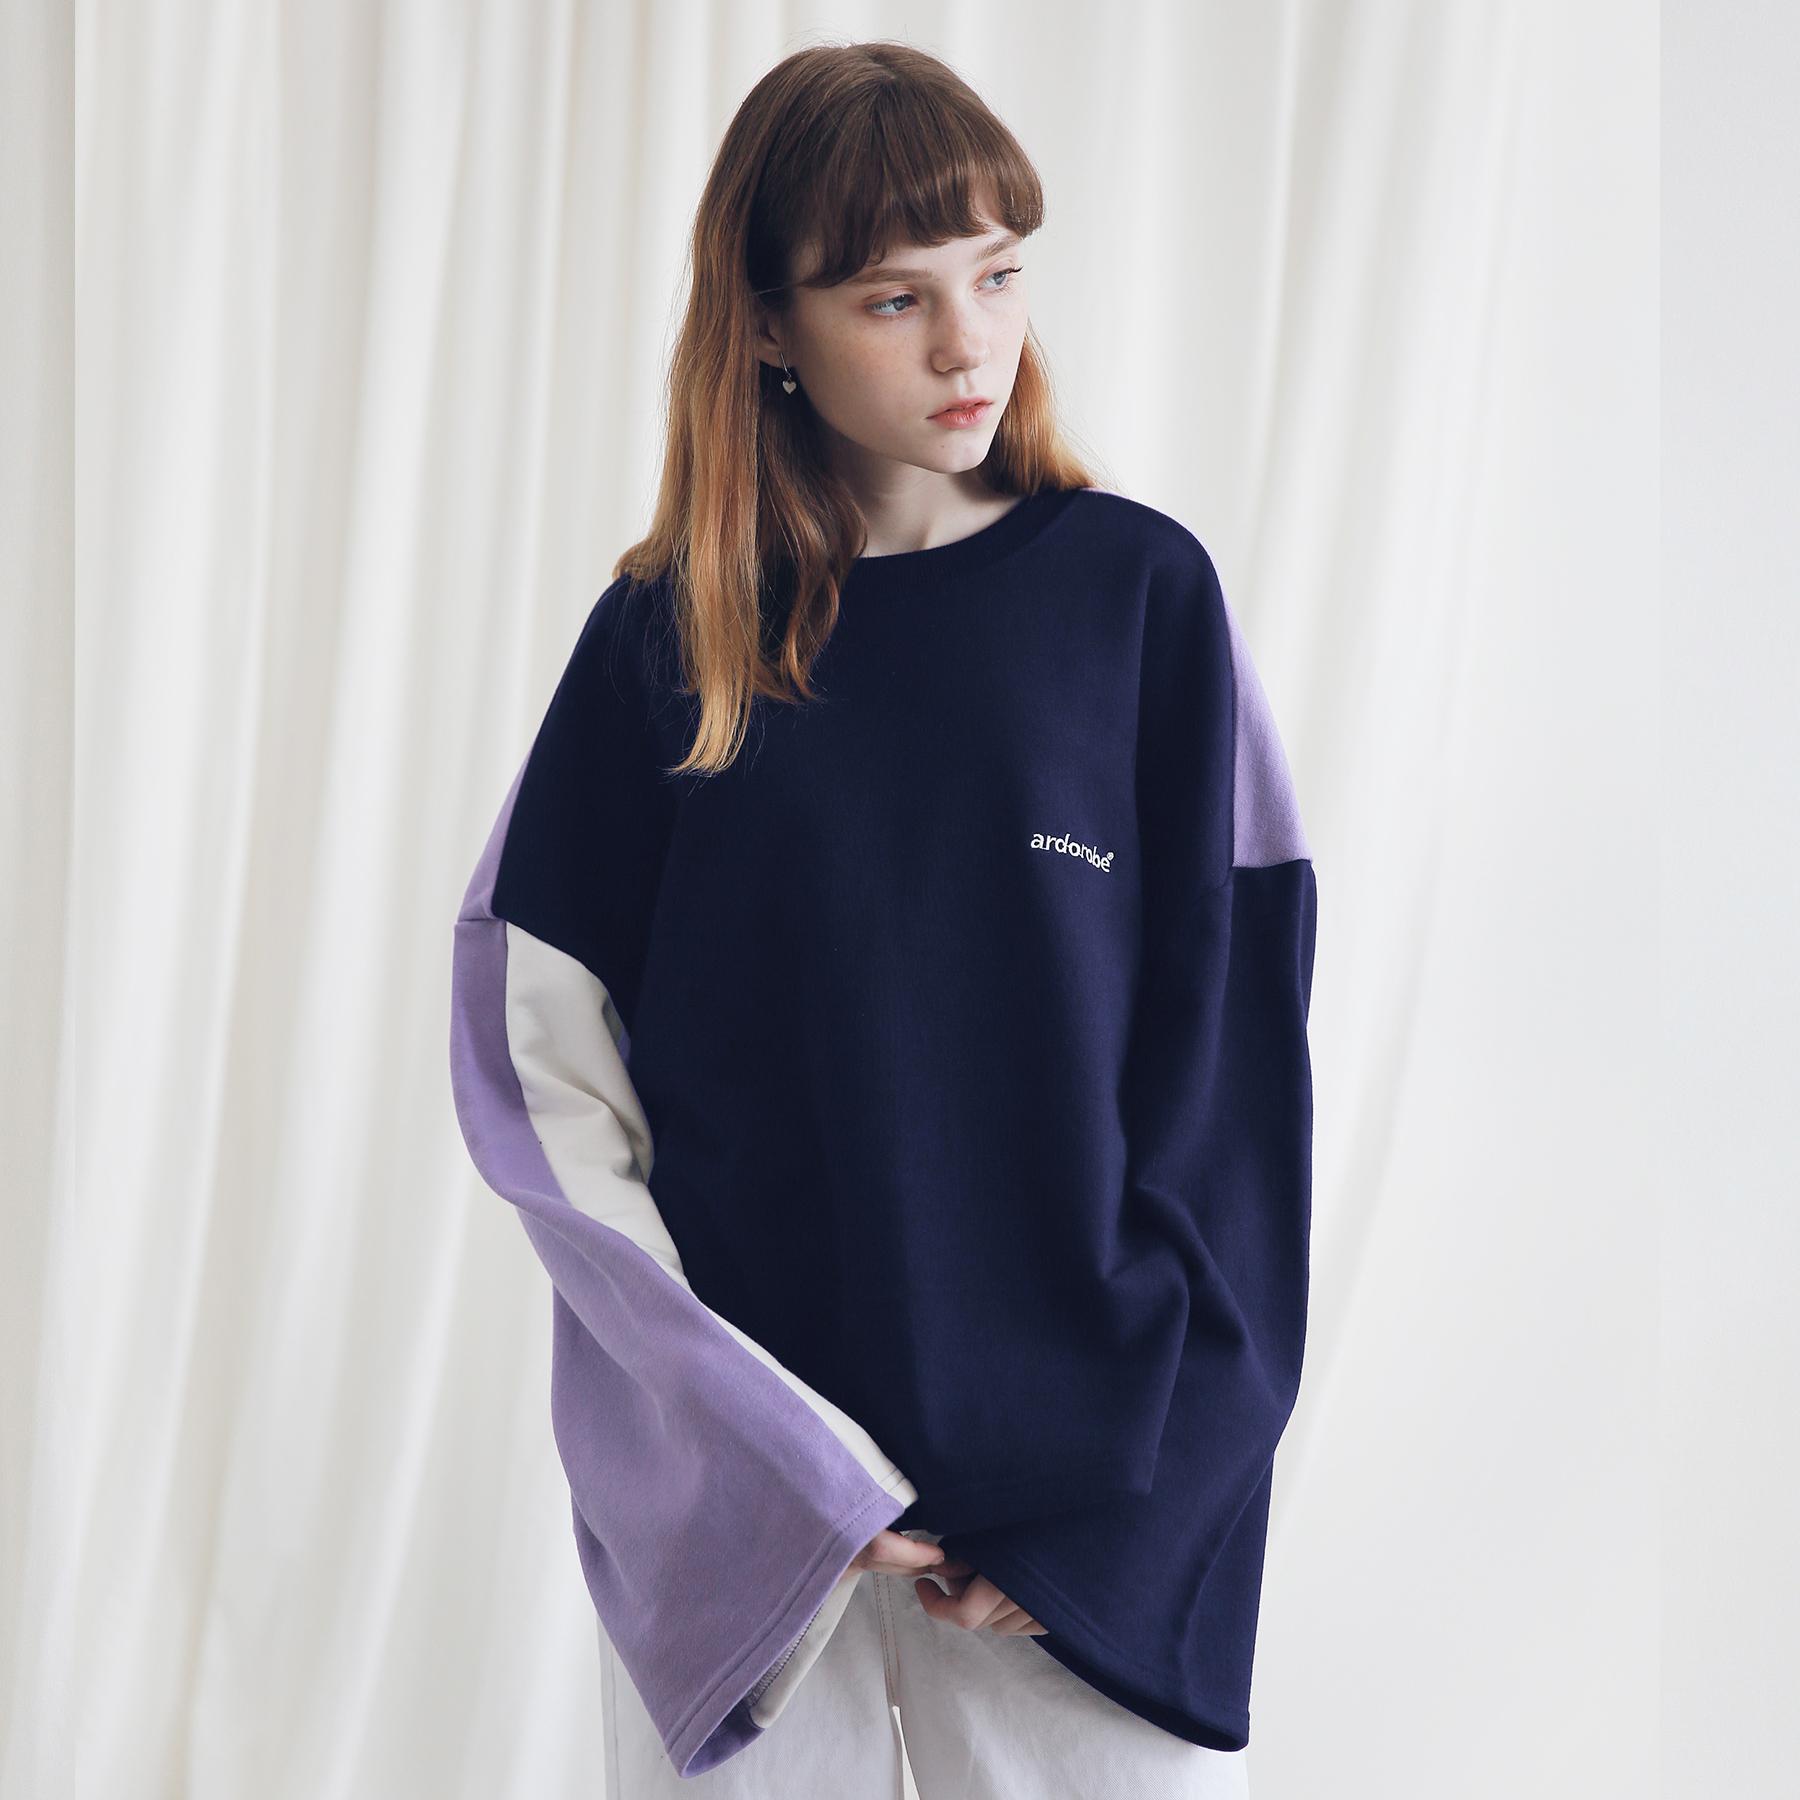 아더로브 컬러레이션 스��셔츠 ACR191002-NV